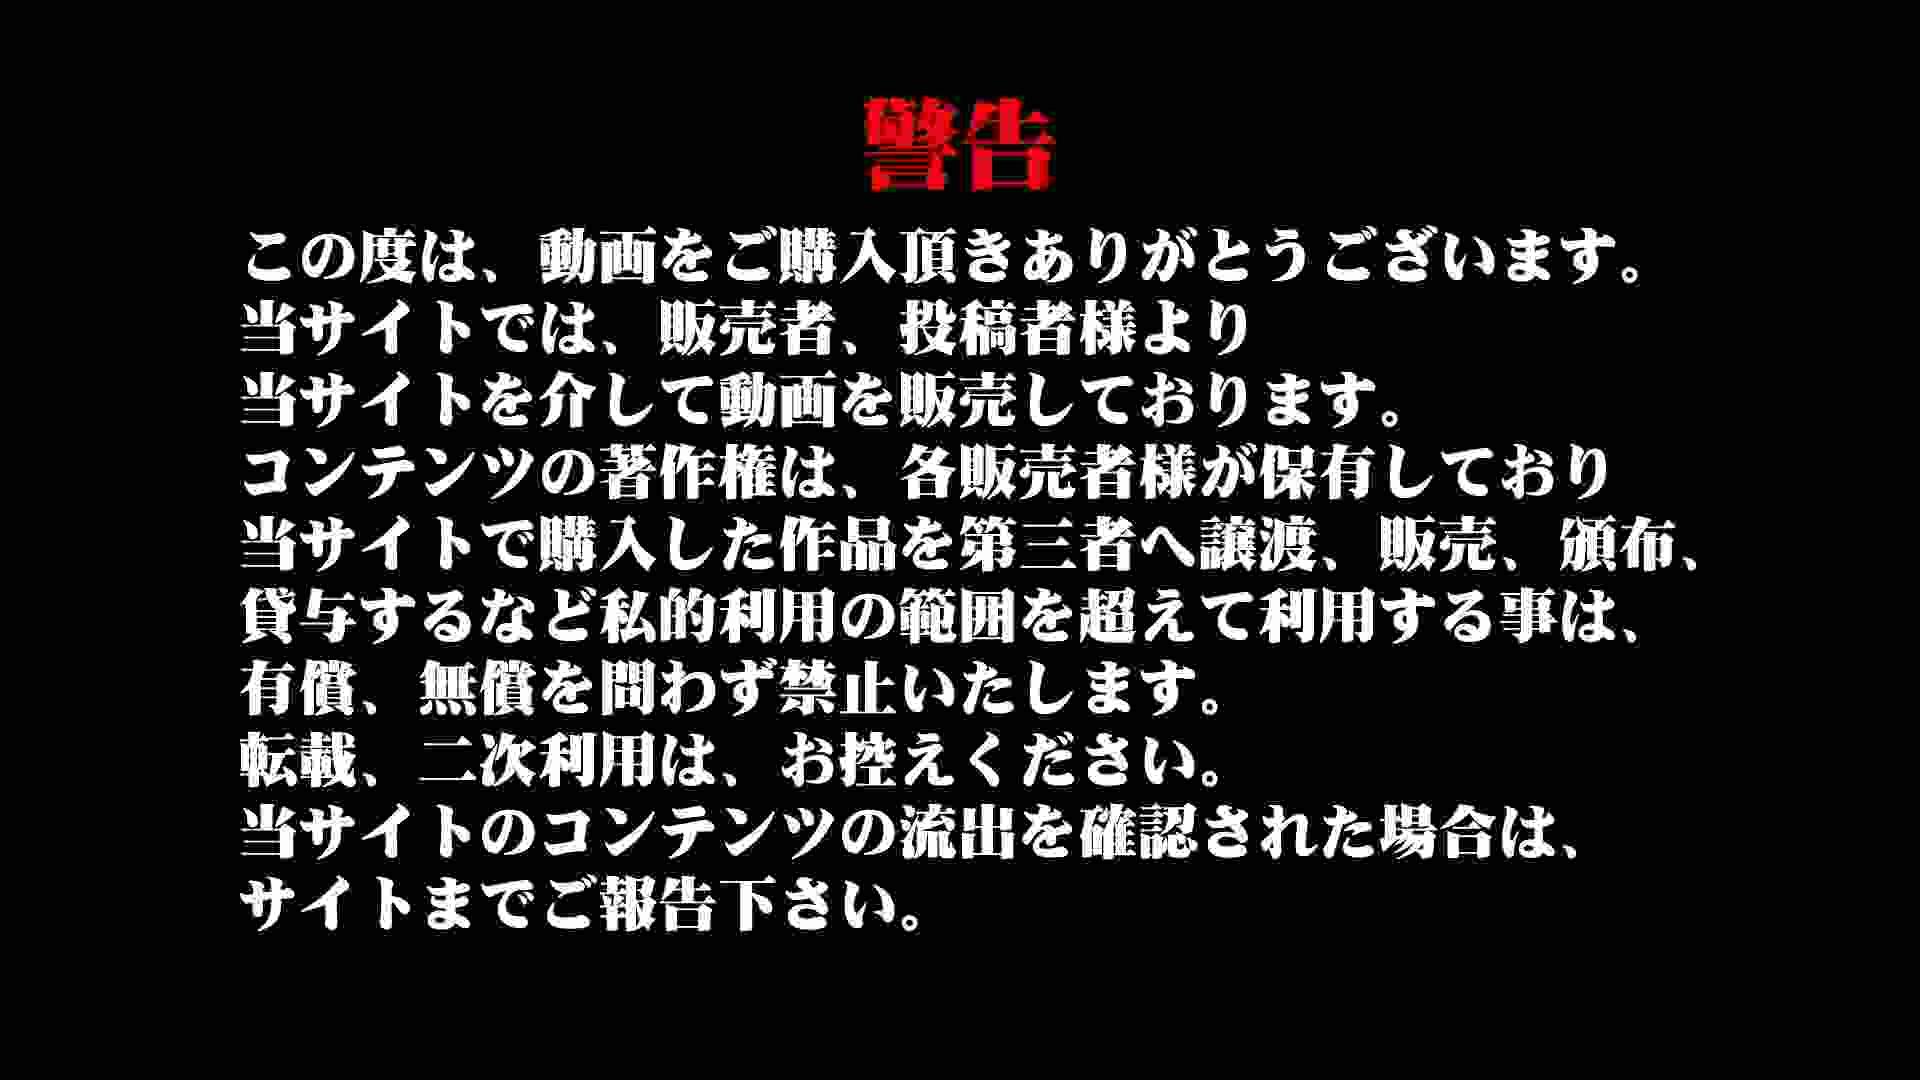 ヒトニアラヅNo.04 六本木NO1 姿、流れ、予告編公開!! おまんこ無修正   ギャル盗撮映像  75PIX 1